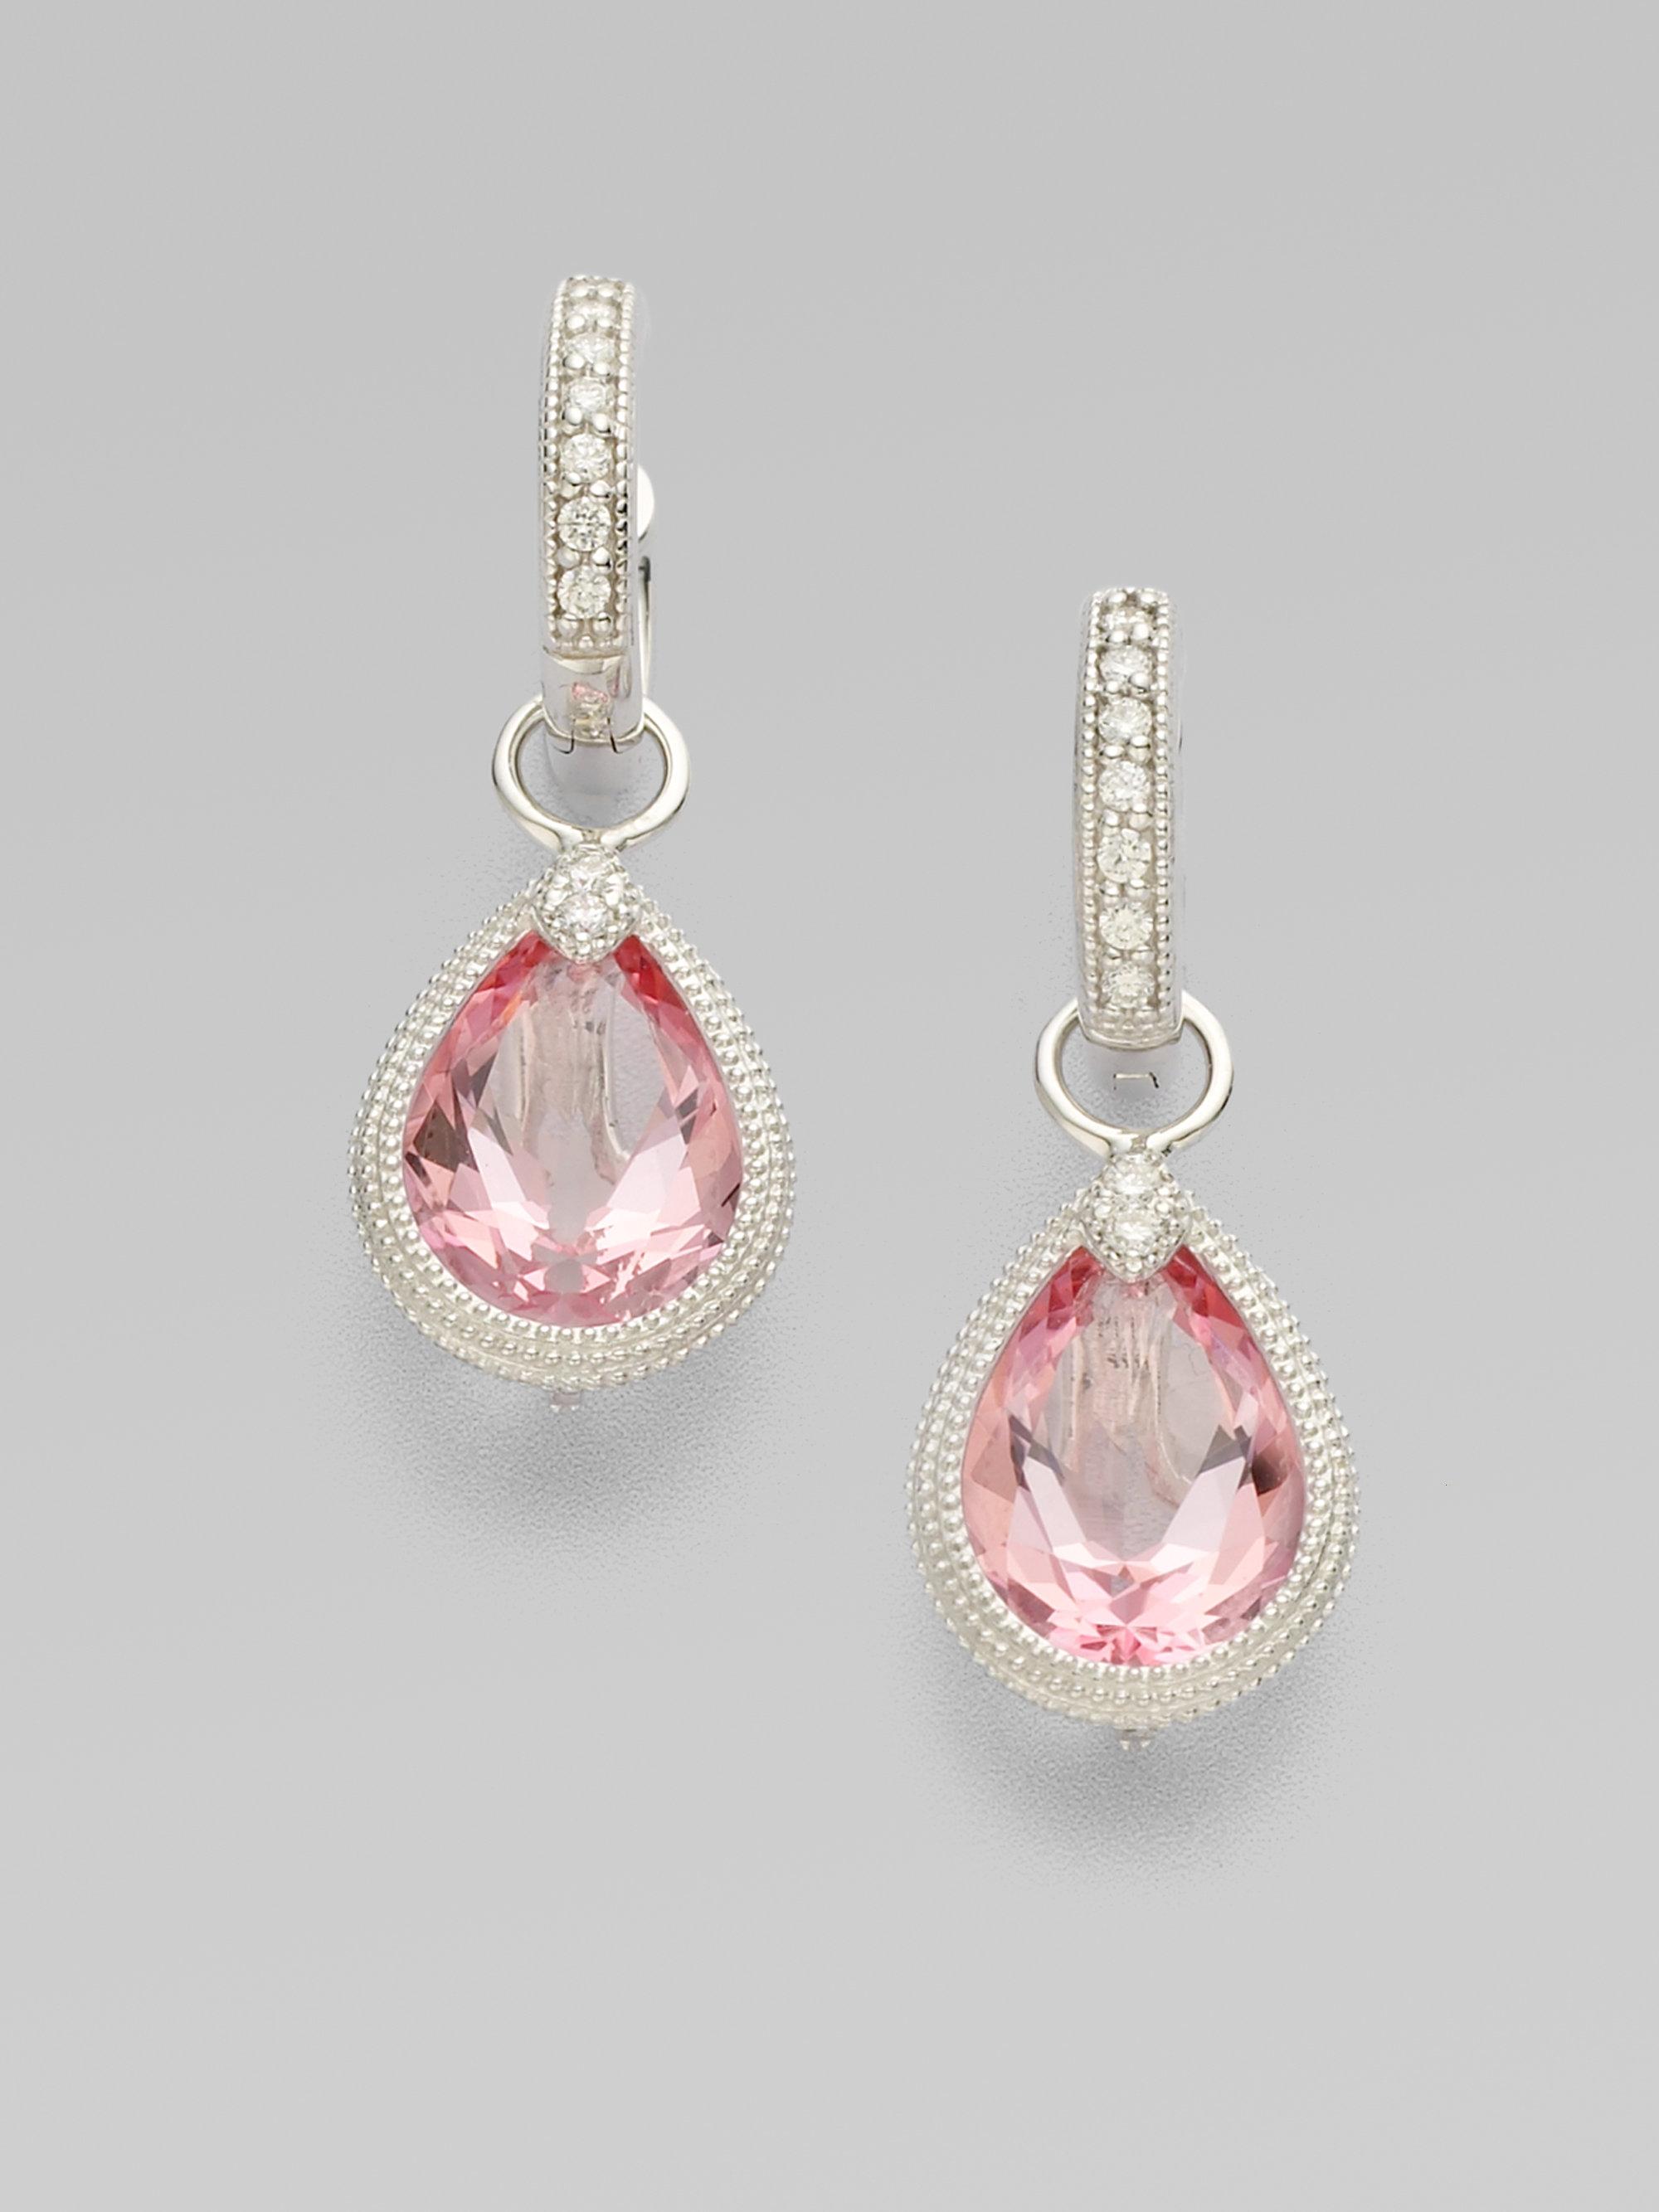 Jude frances Diamond Pink Topaz 18k White Gold Earring